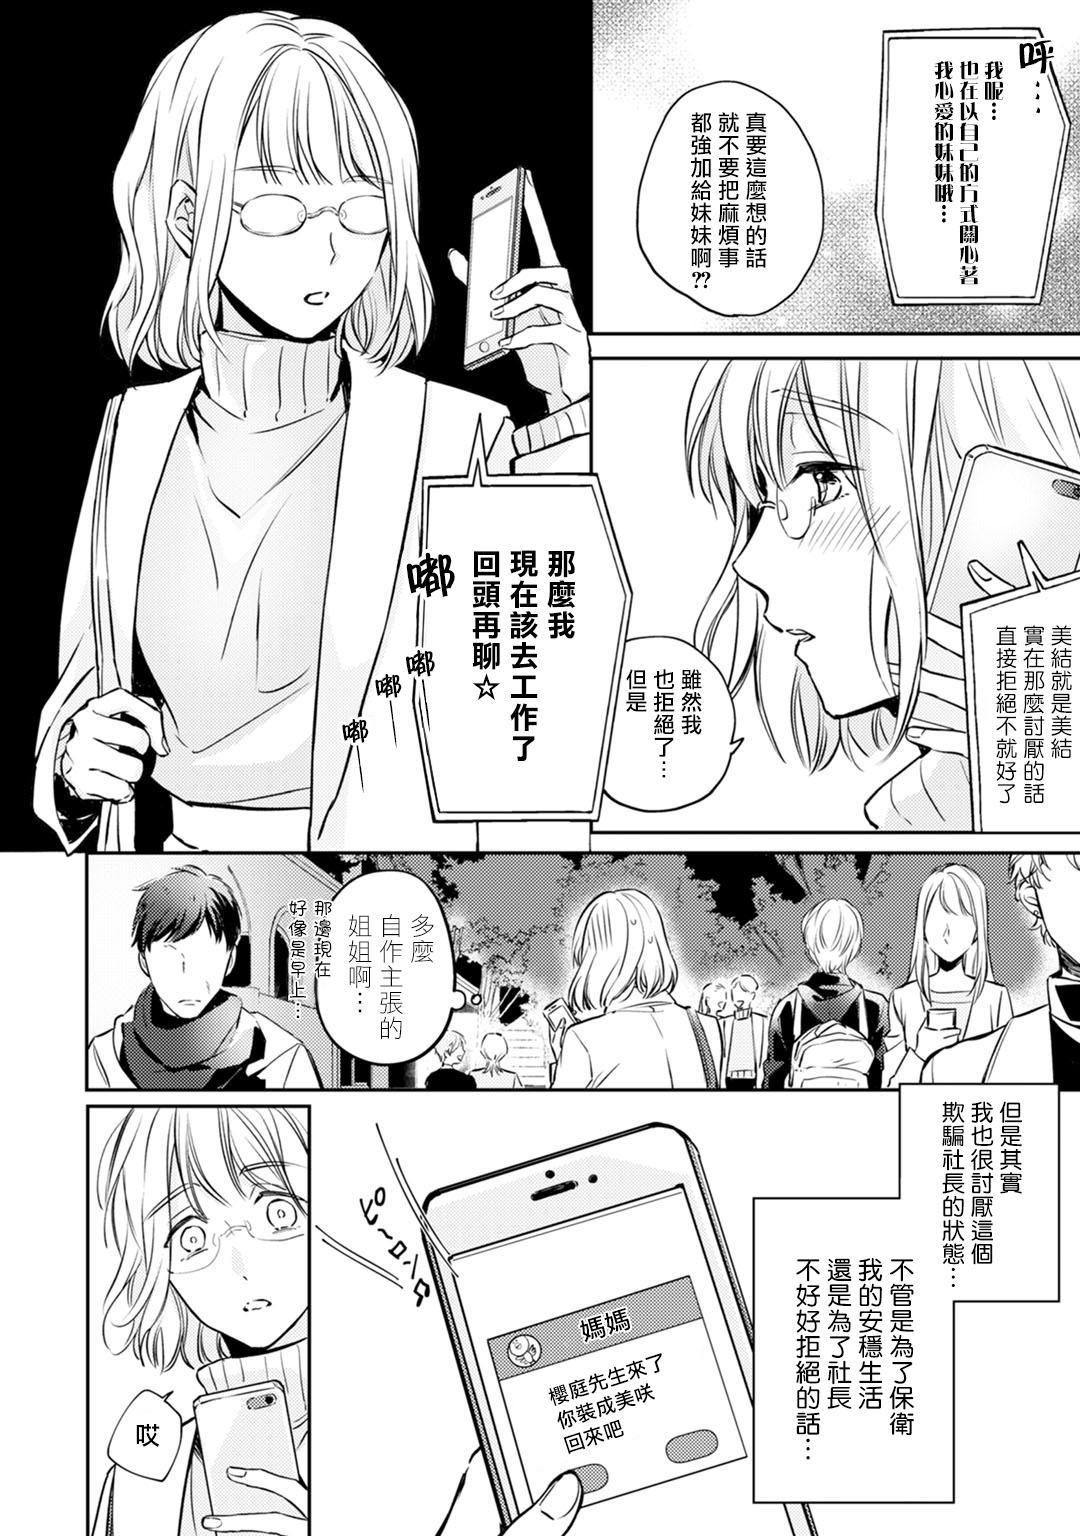 [Shichigatsu Motomi]  Sonna Kao shite, Sasotteru? ~Dekiai Shachou to Migawari Omiaikekkon!?~ 1-7 | 這種表情,在誘惑我嗎?~溺愛社長和替身相親結婚!? act.1 [Chinese] [拾荒者汉化组] 32